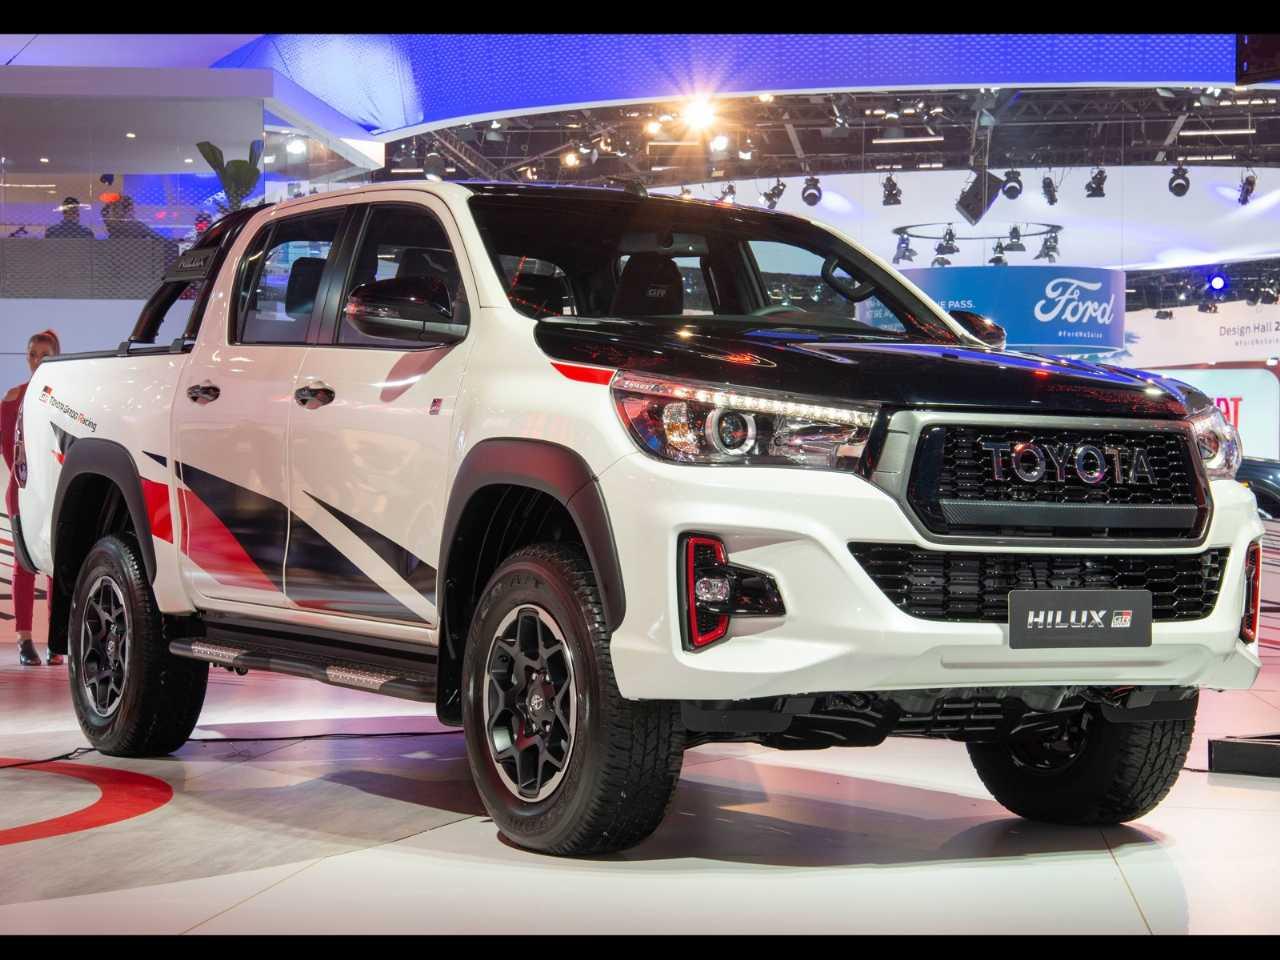 Revelada no Salão de SP 2018, a Hilux GR-S deverá receber a motorização V6 gasolina